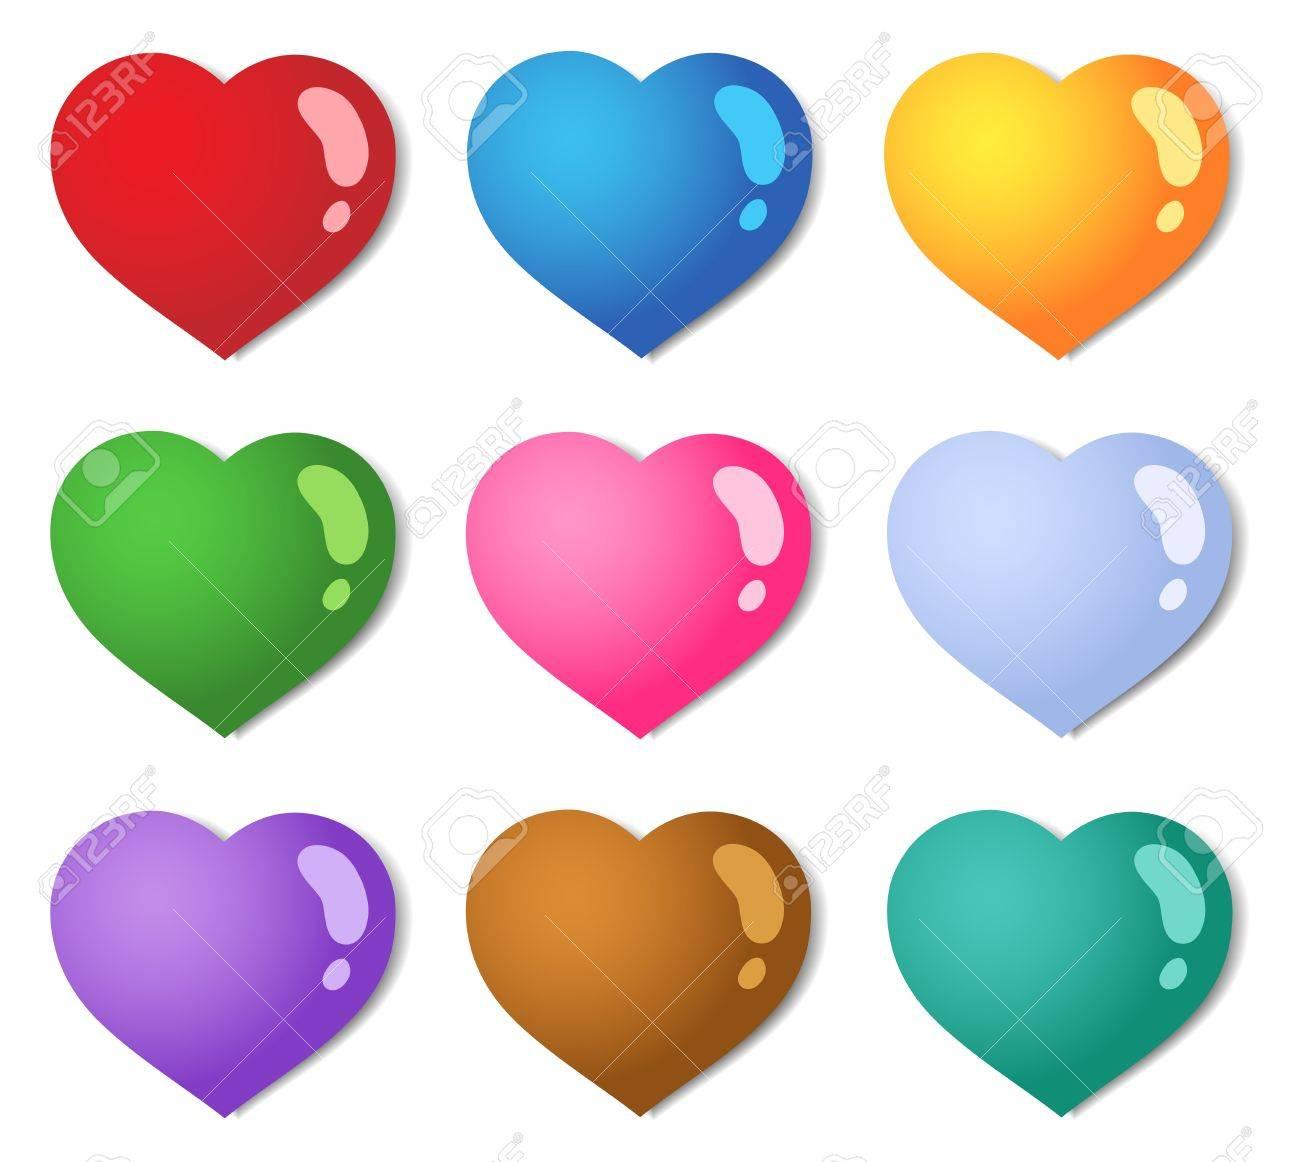 Corazones De Colores Diferentes De Recogida 1 Ilustracion